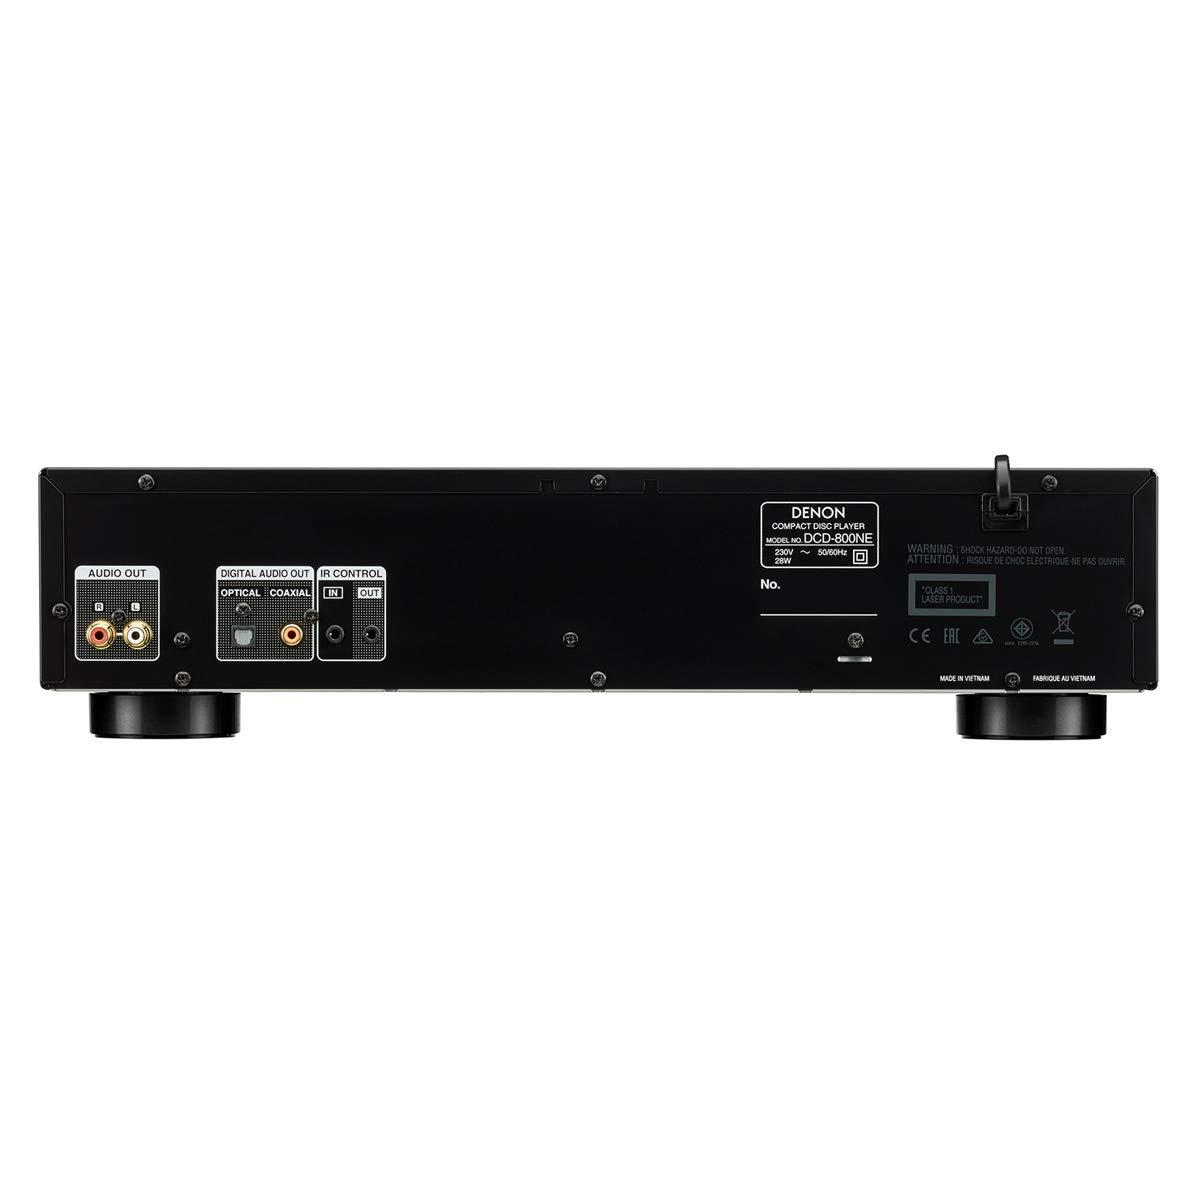 Denon DCD-1600NE Super Audio Cd Player (Black) by Denon (Image #3)